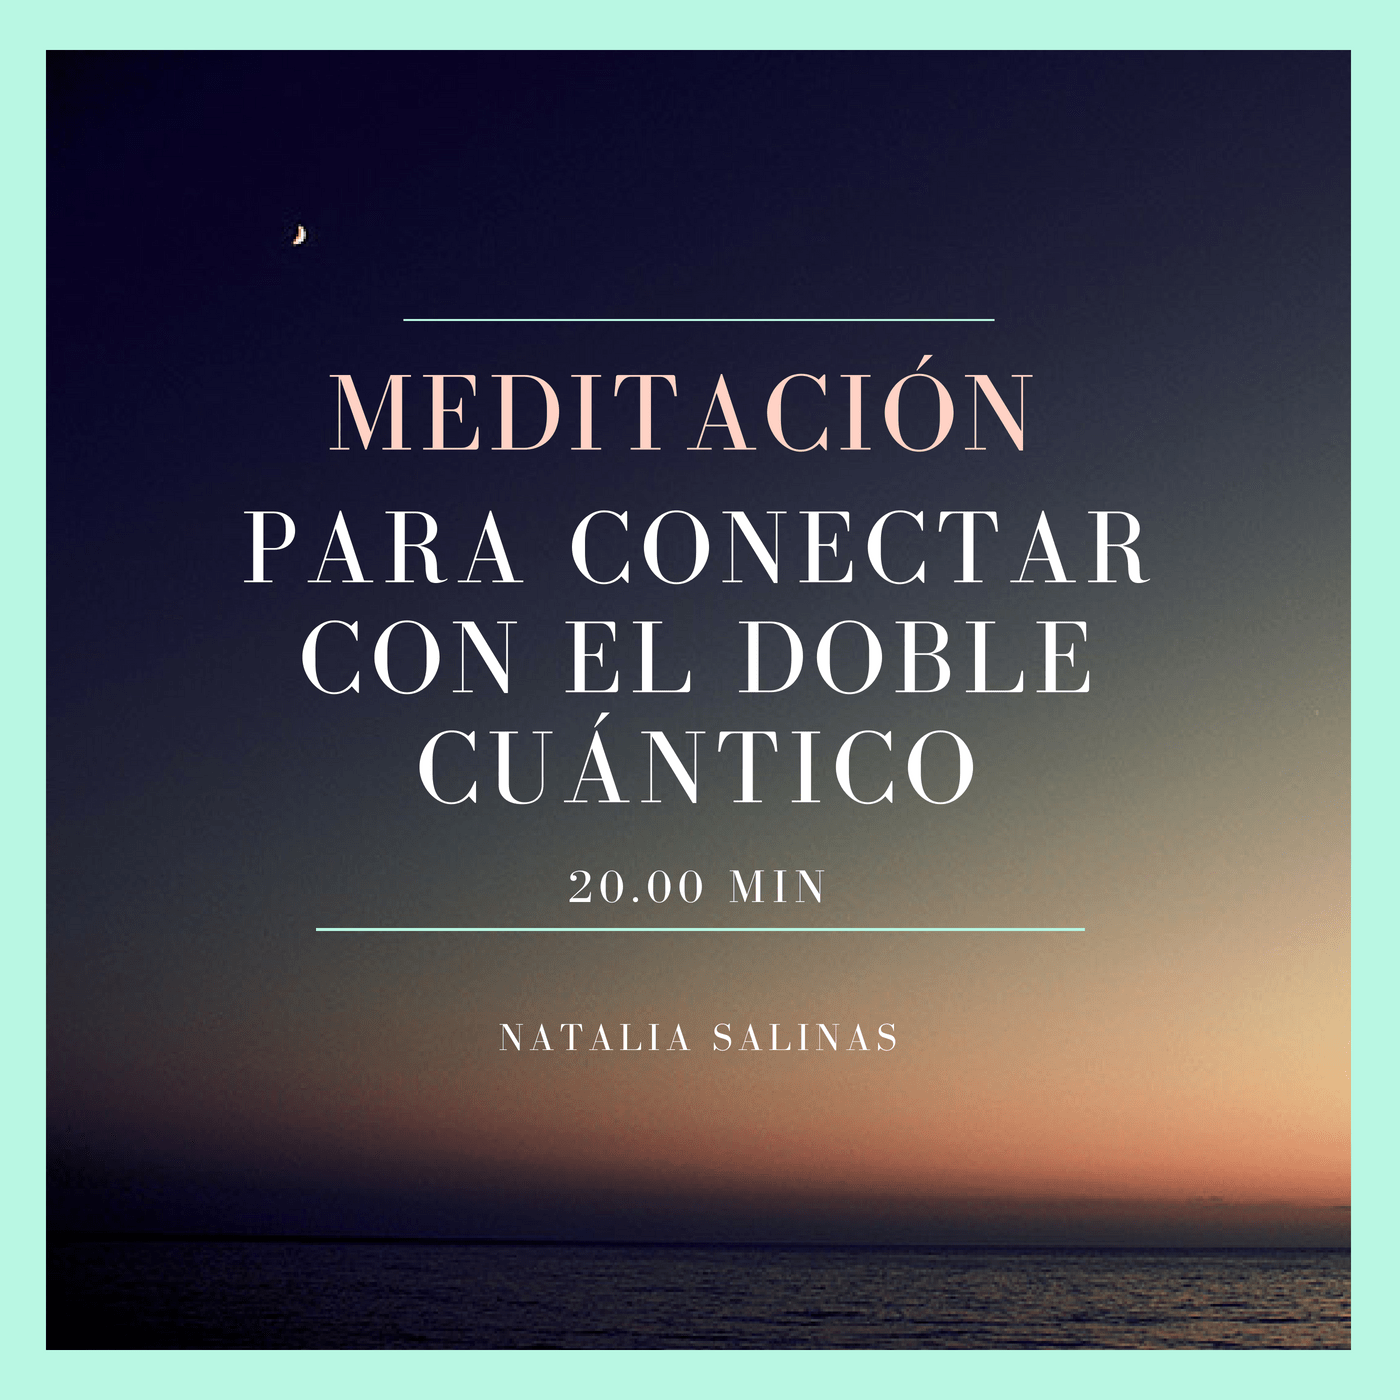 Meditación para conectar con el doble cuantico